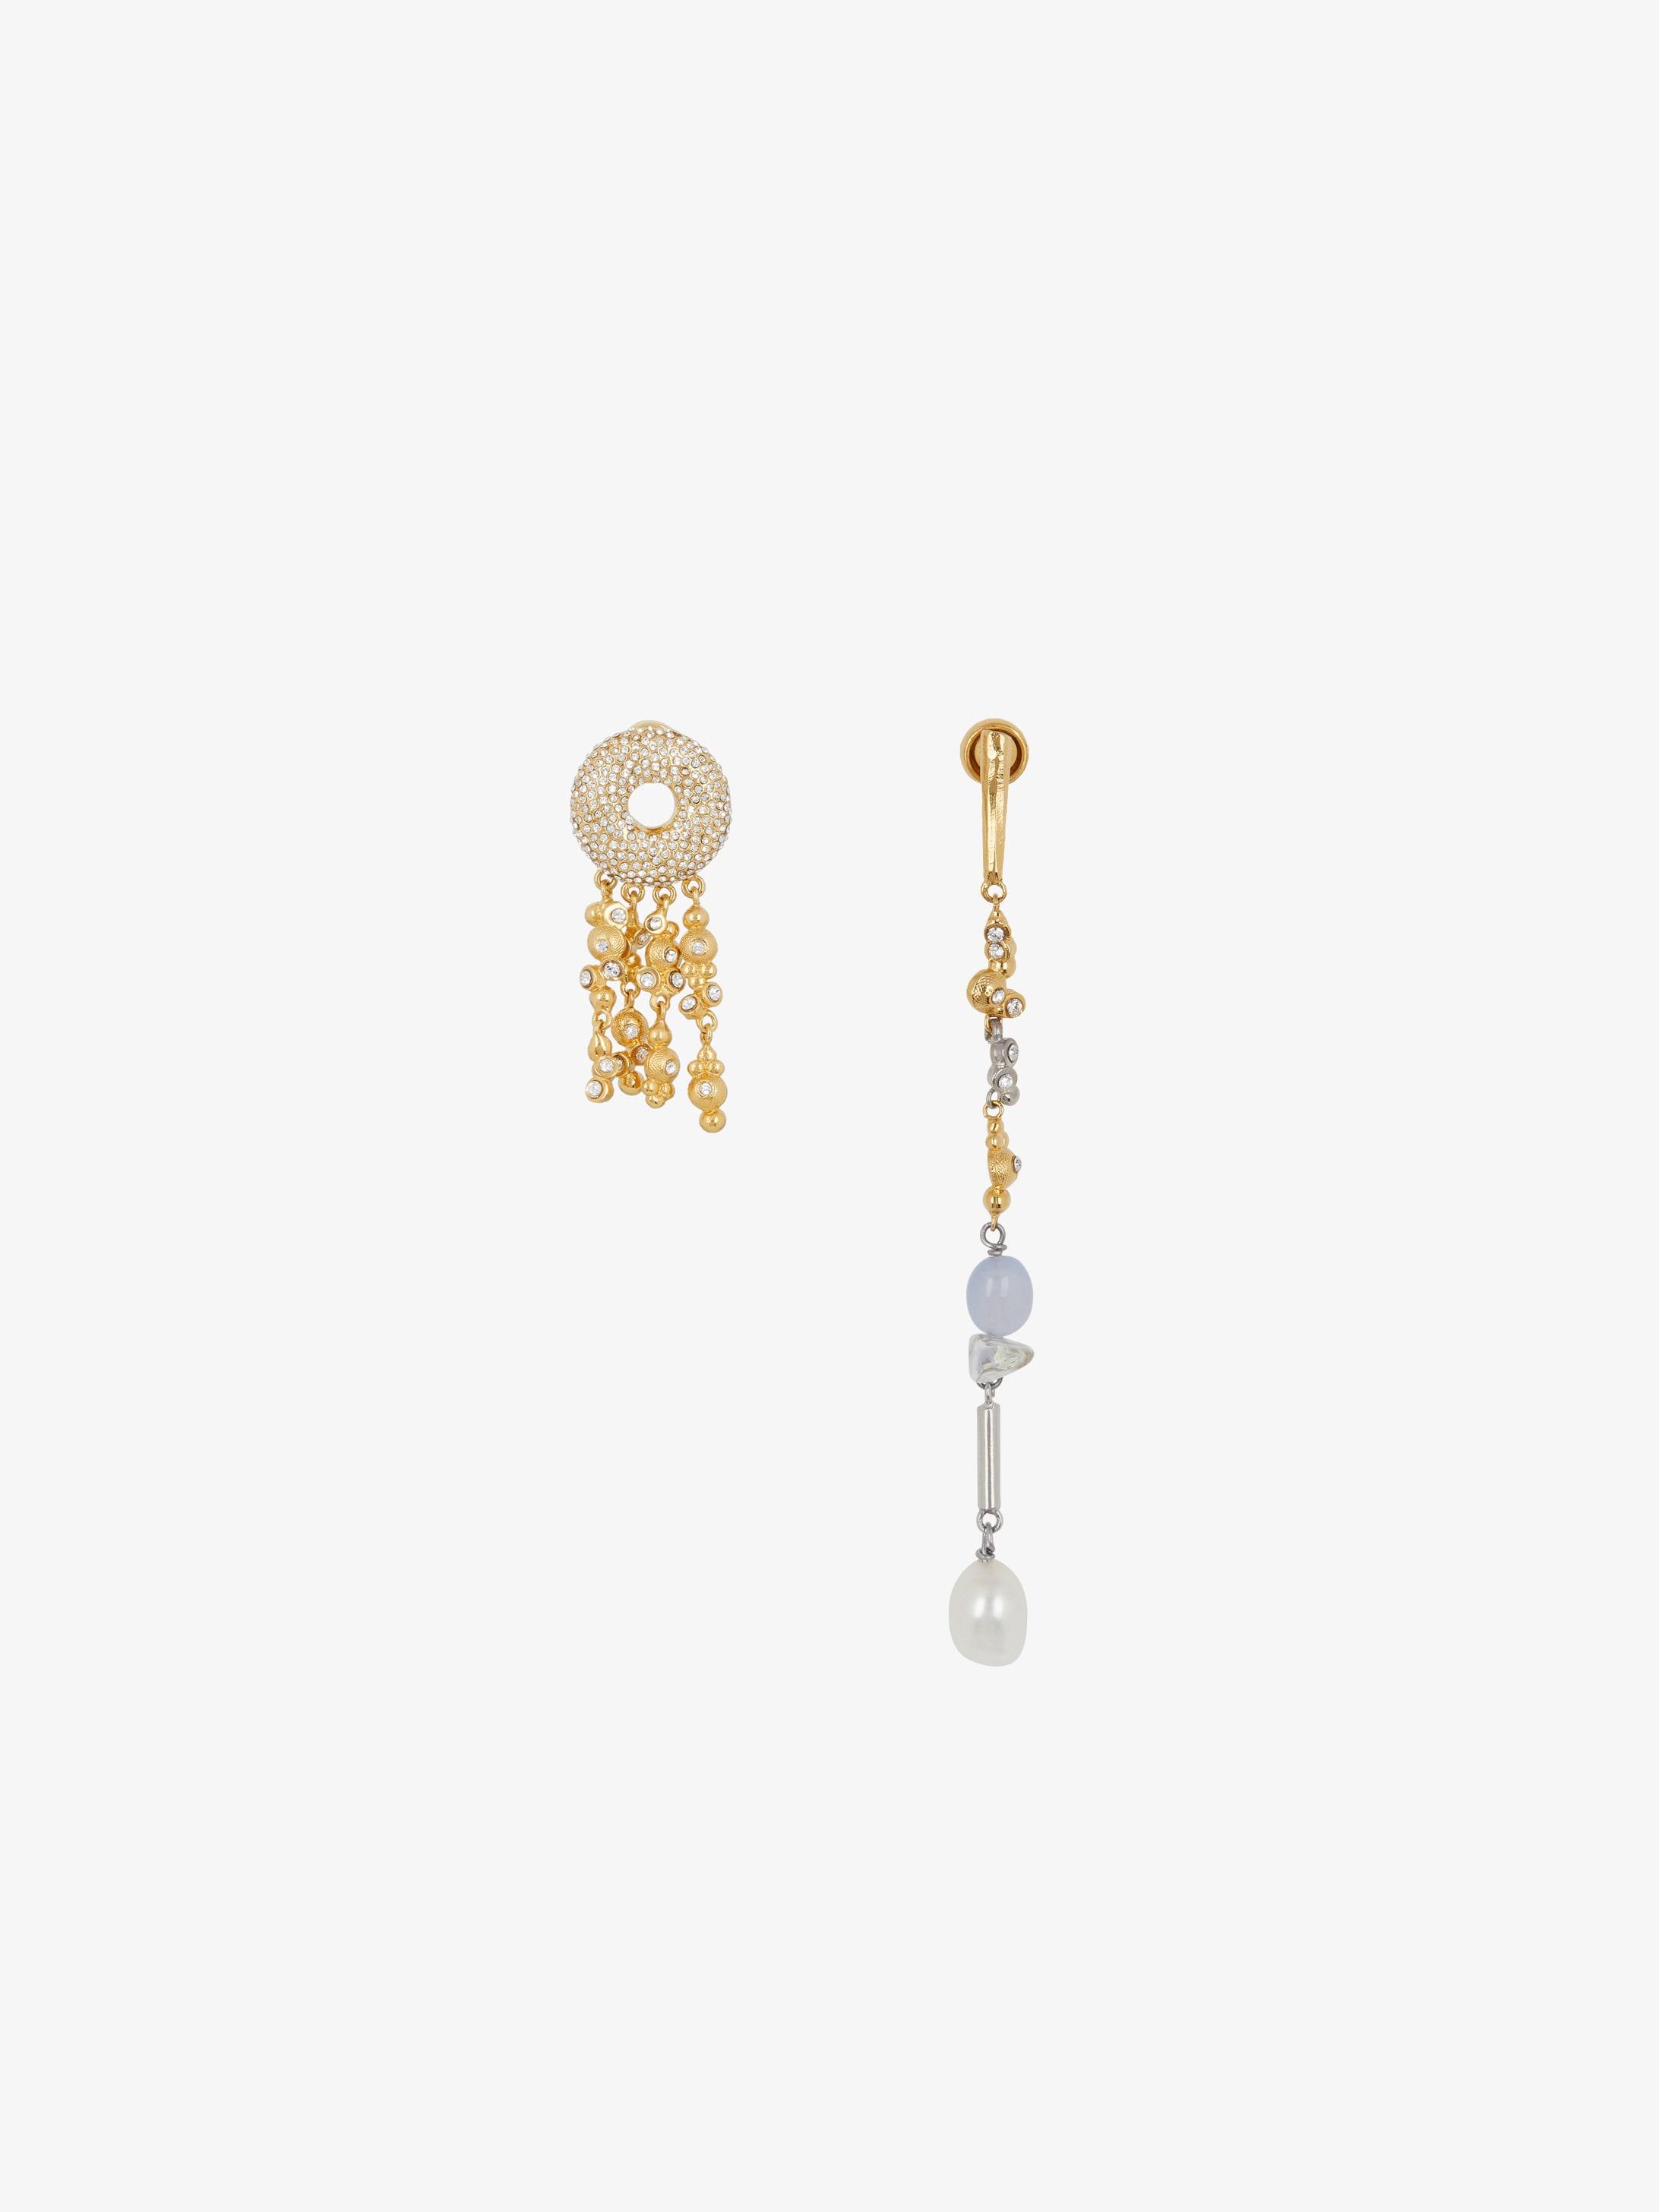 Halo asymmetrical earrings